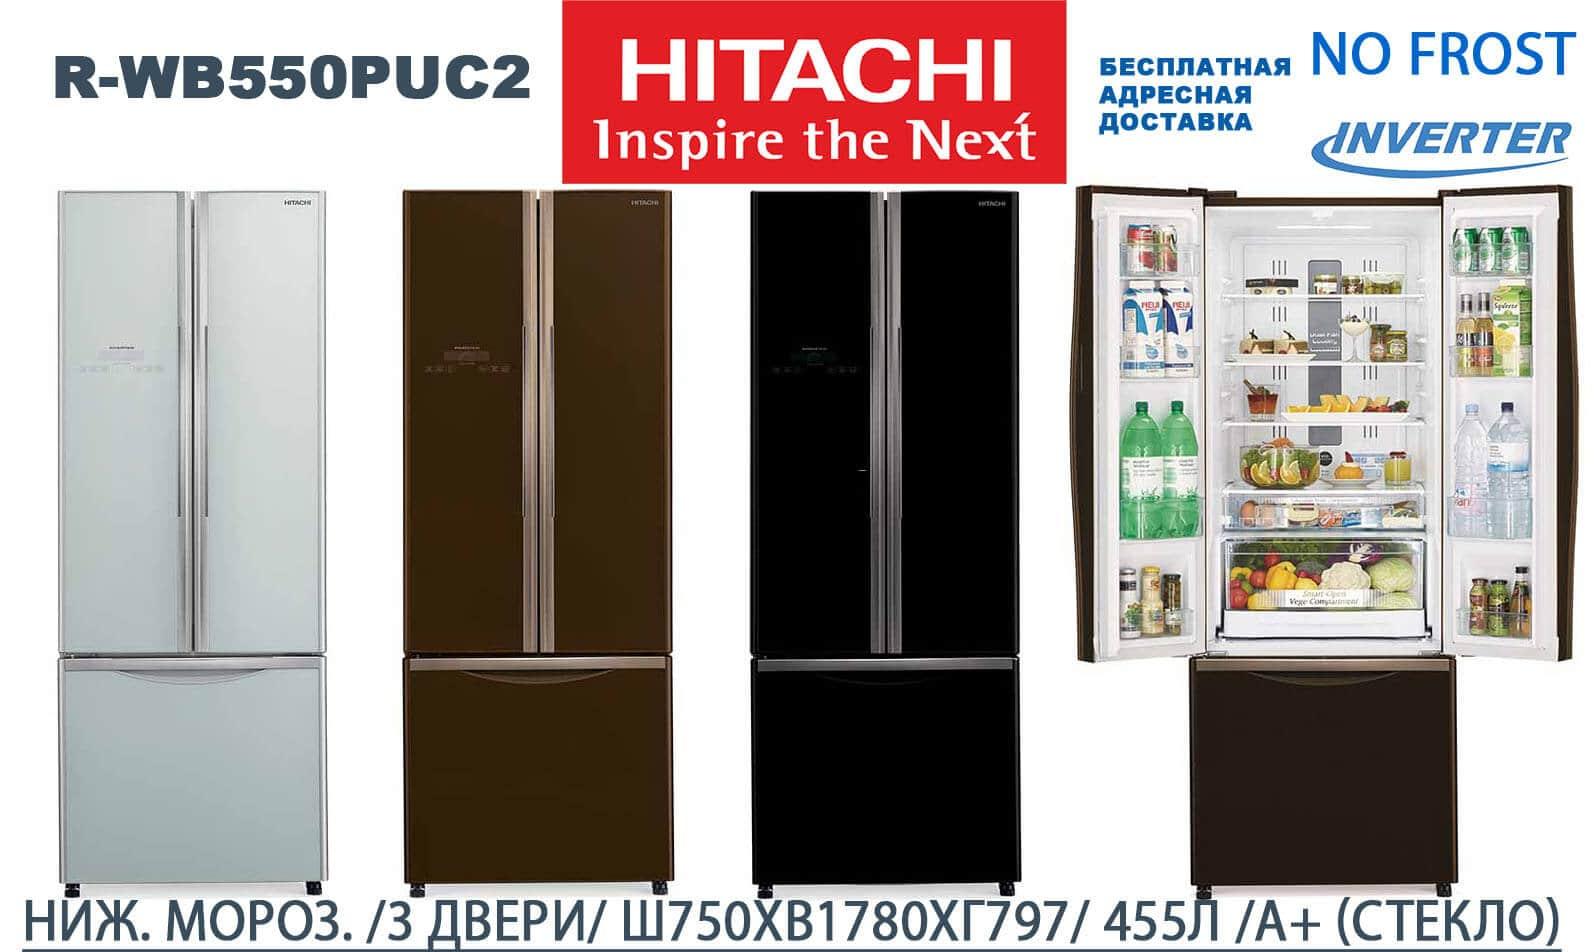 Японские холодильники на европейском рынке